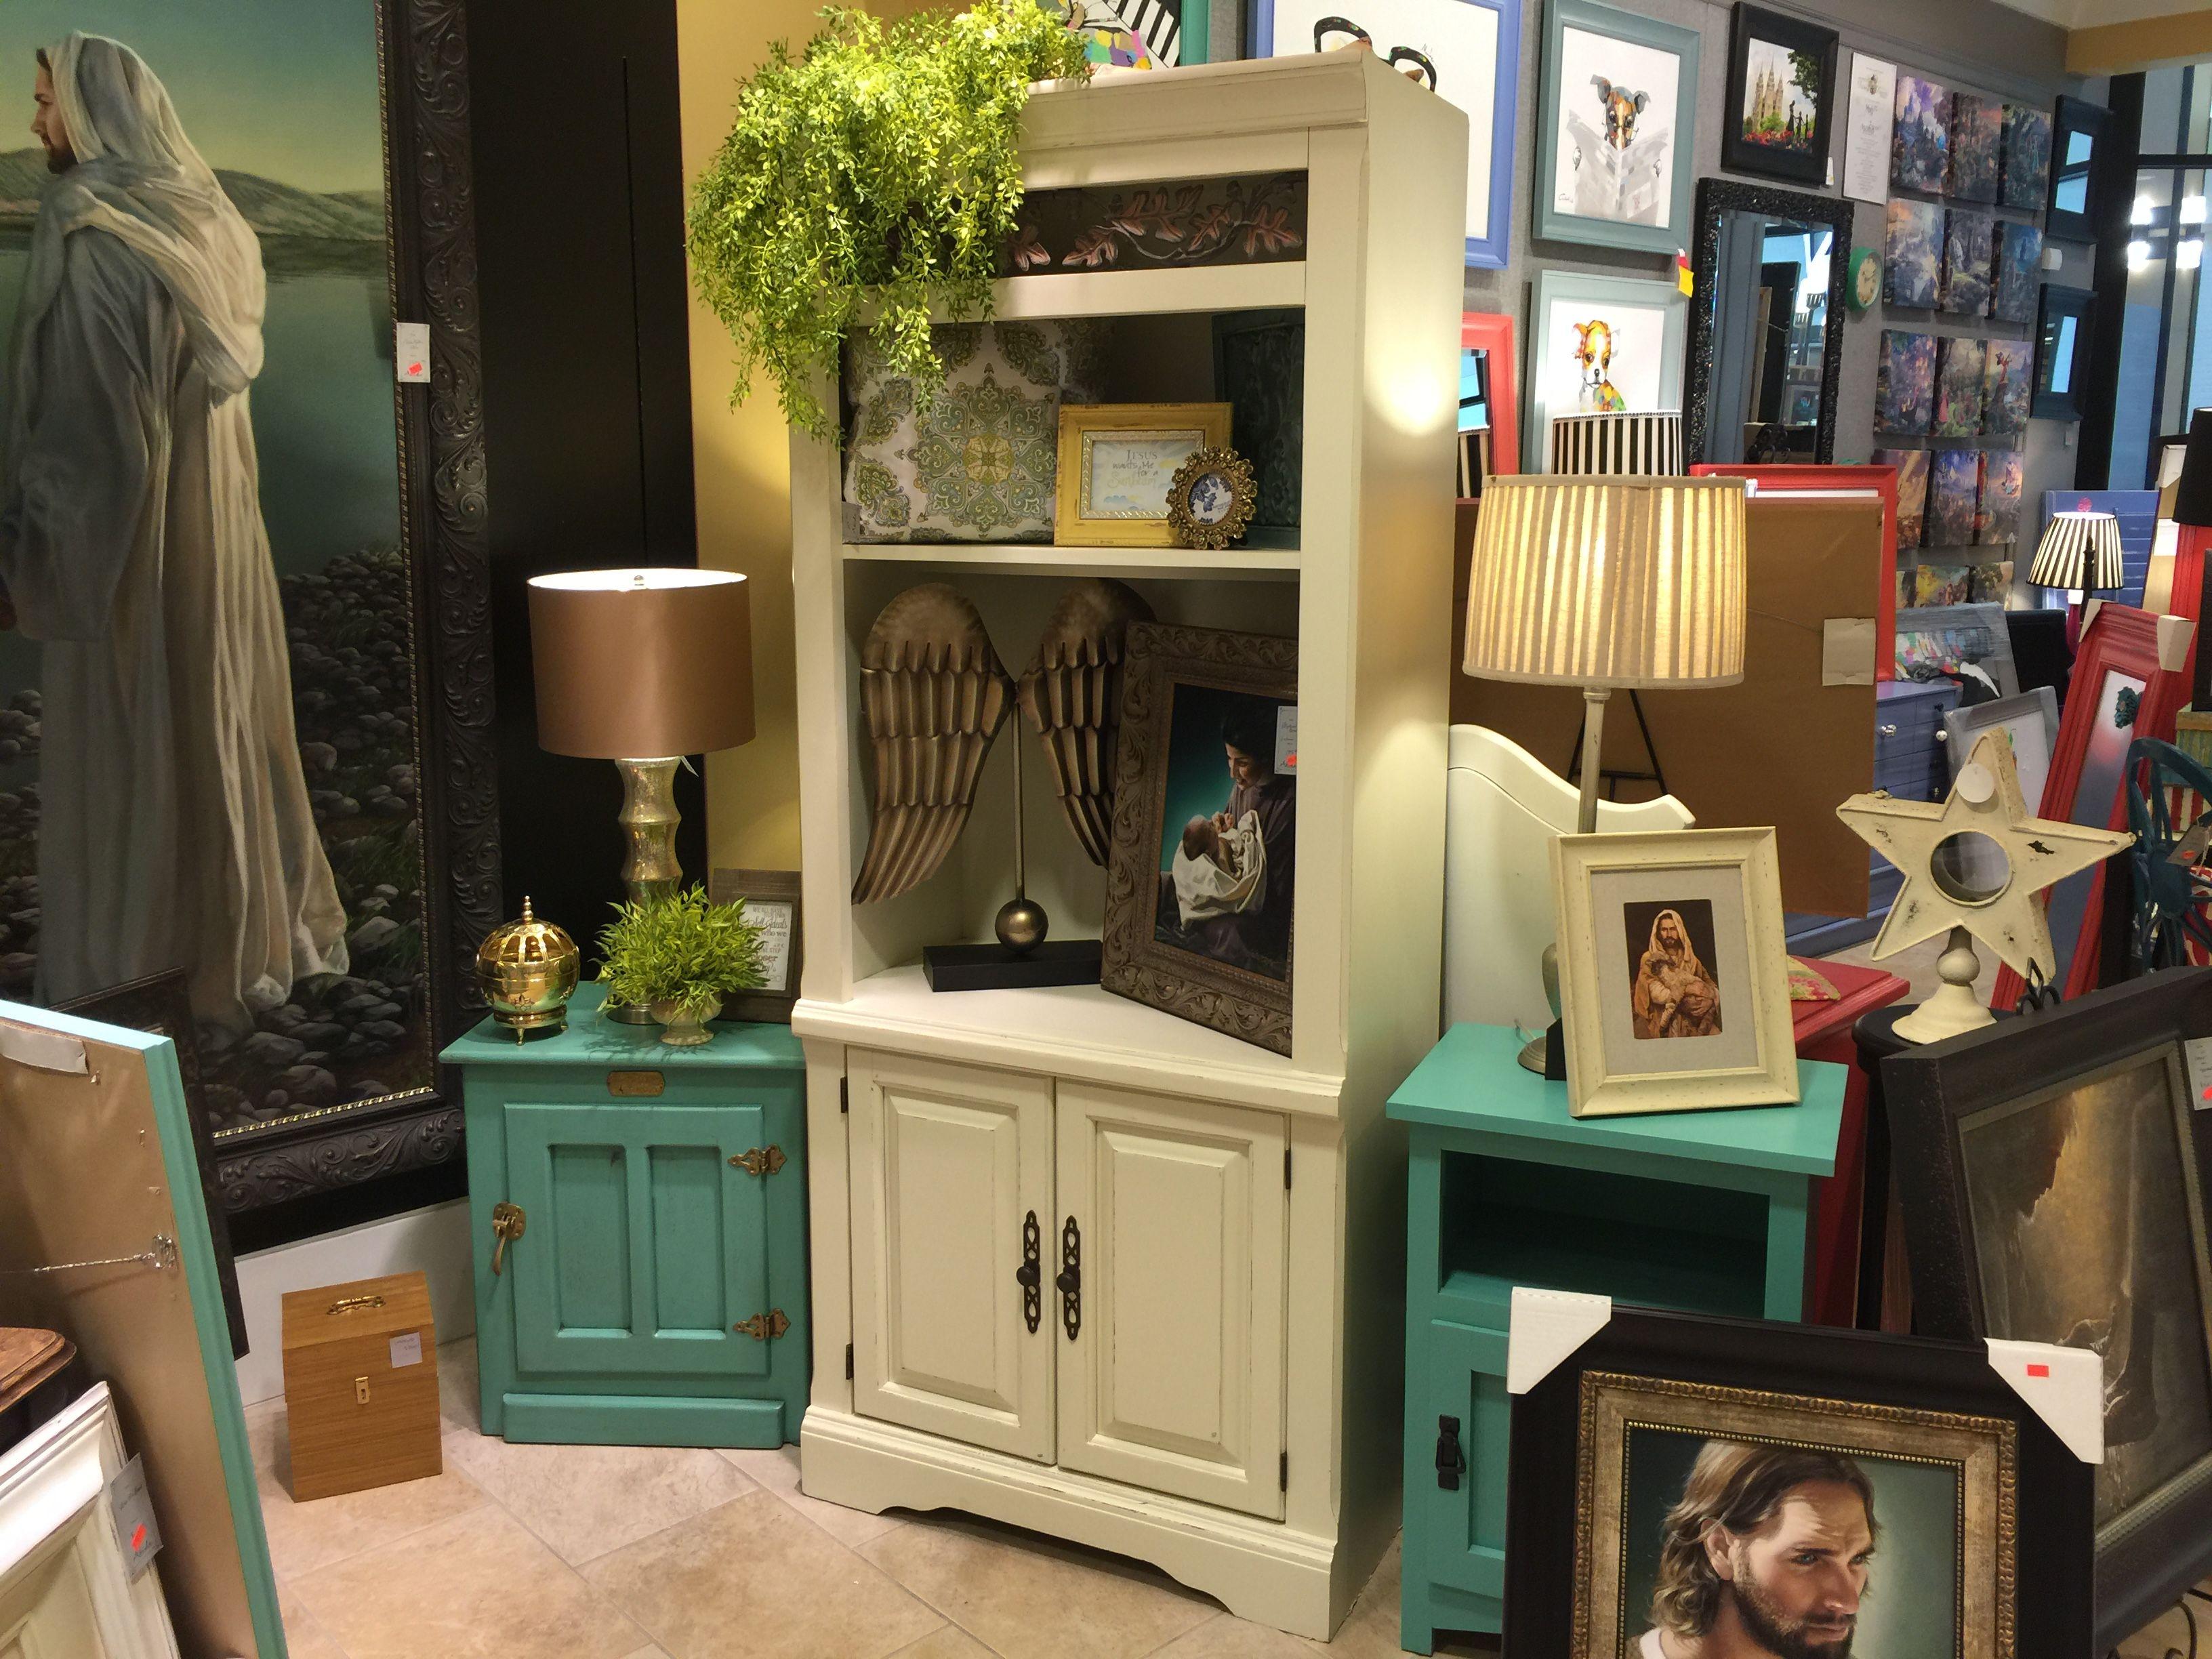 FRAME WORKS Ivory Bookshelf Hutch On Sale At Frame Works For 250